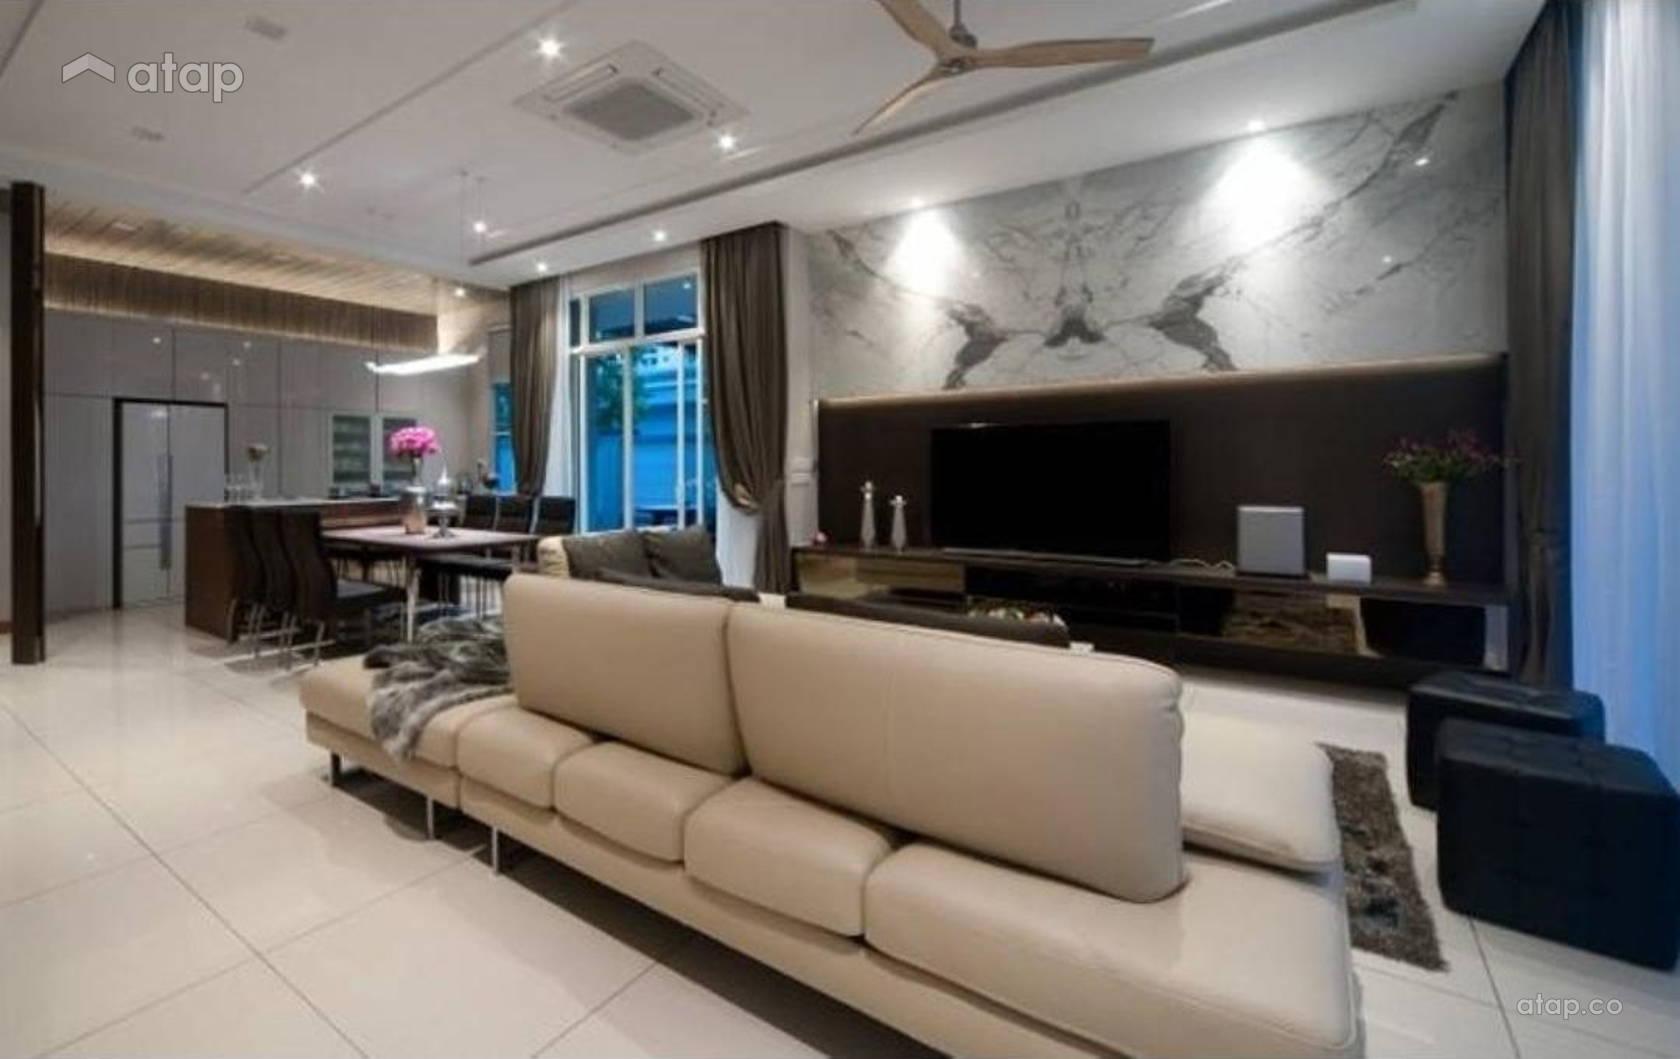 Living Room Design Ideas Malaysia contemporary modern living room semi-detached design ideas